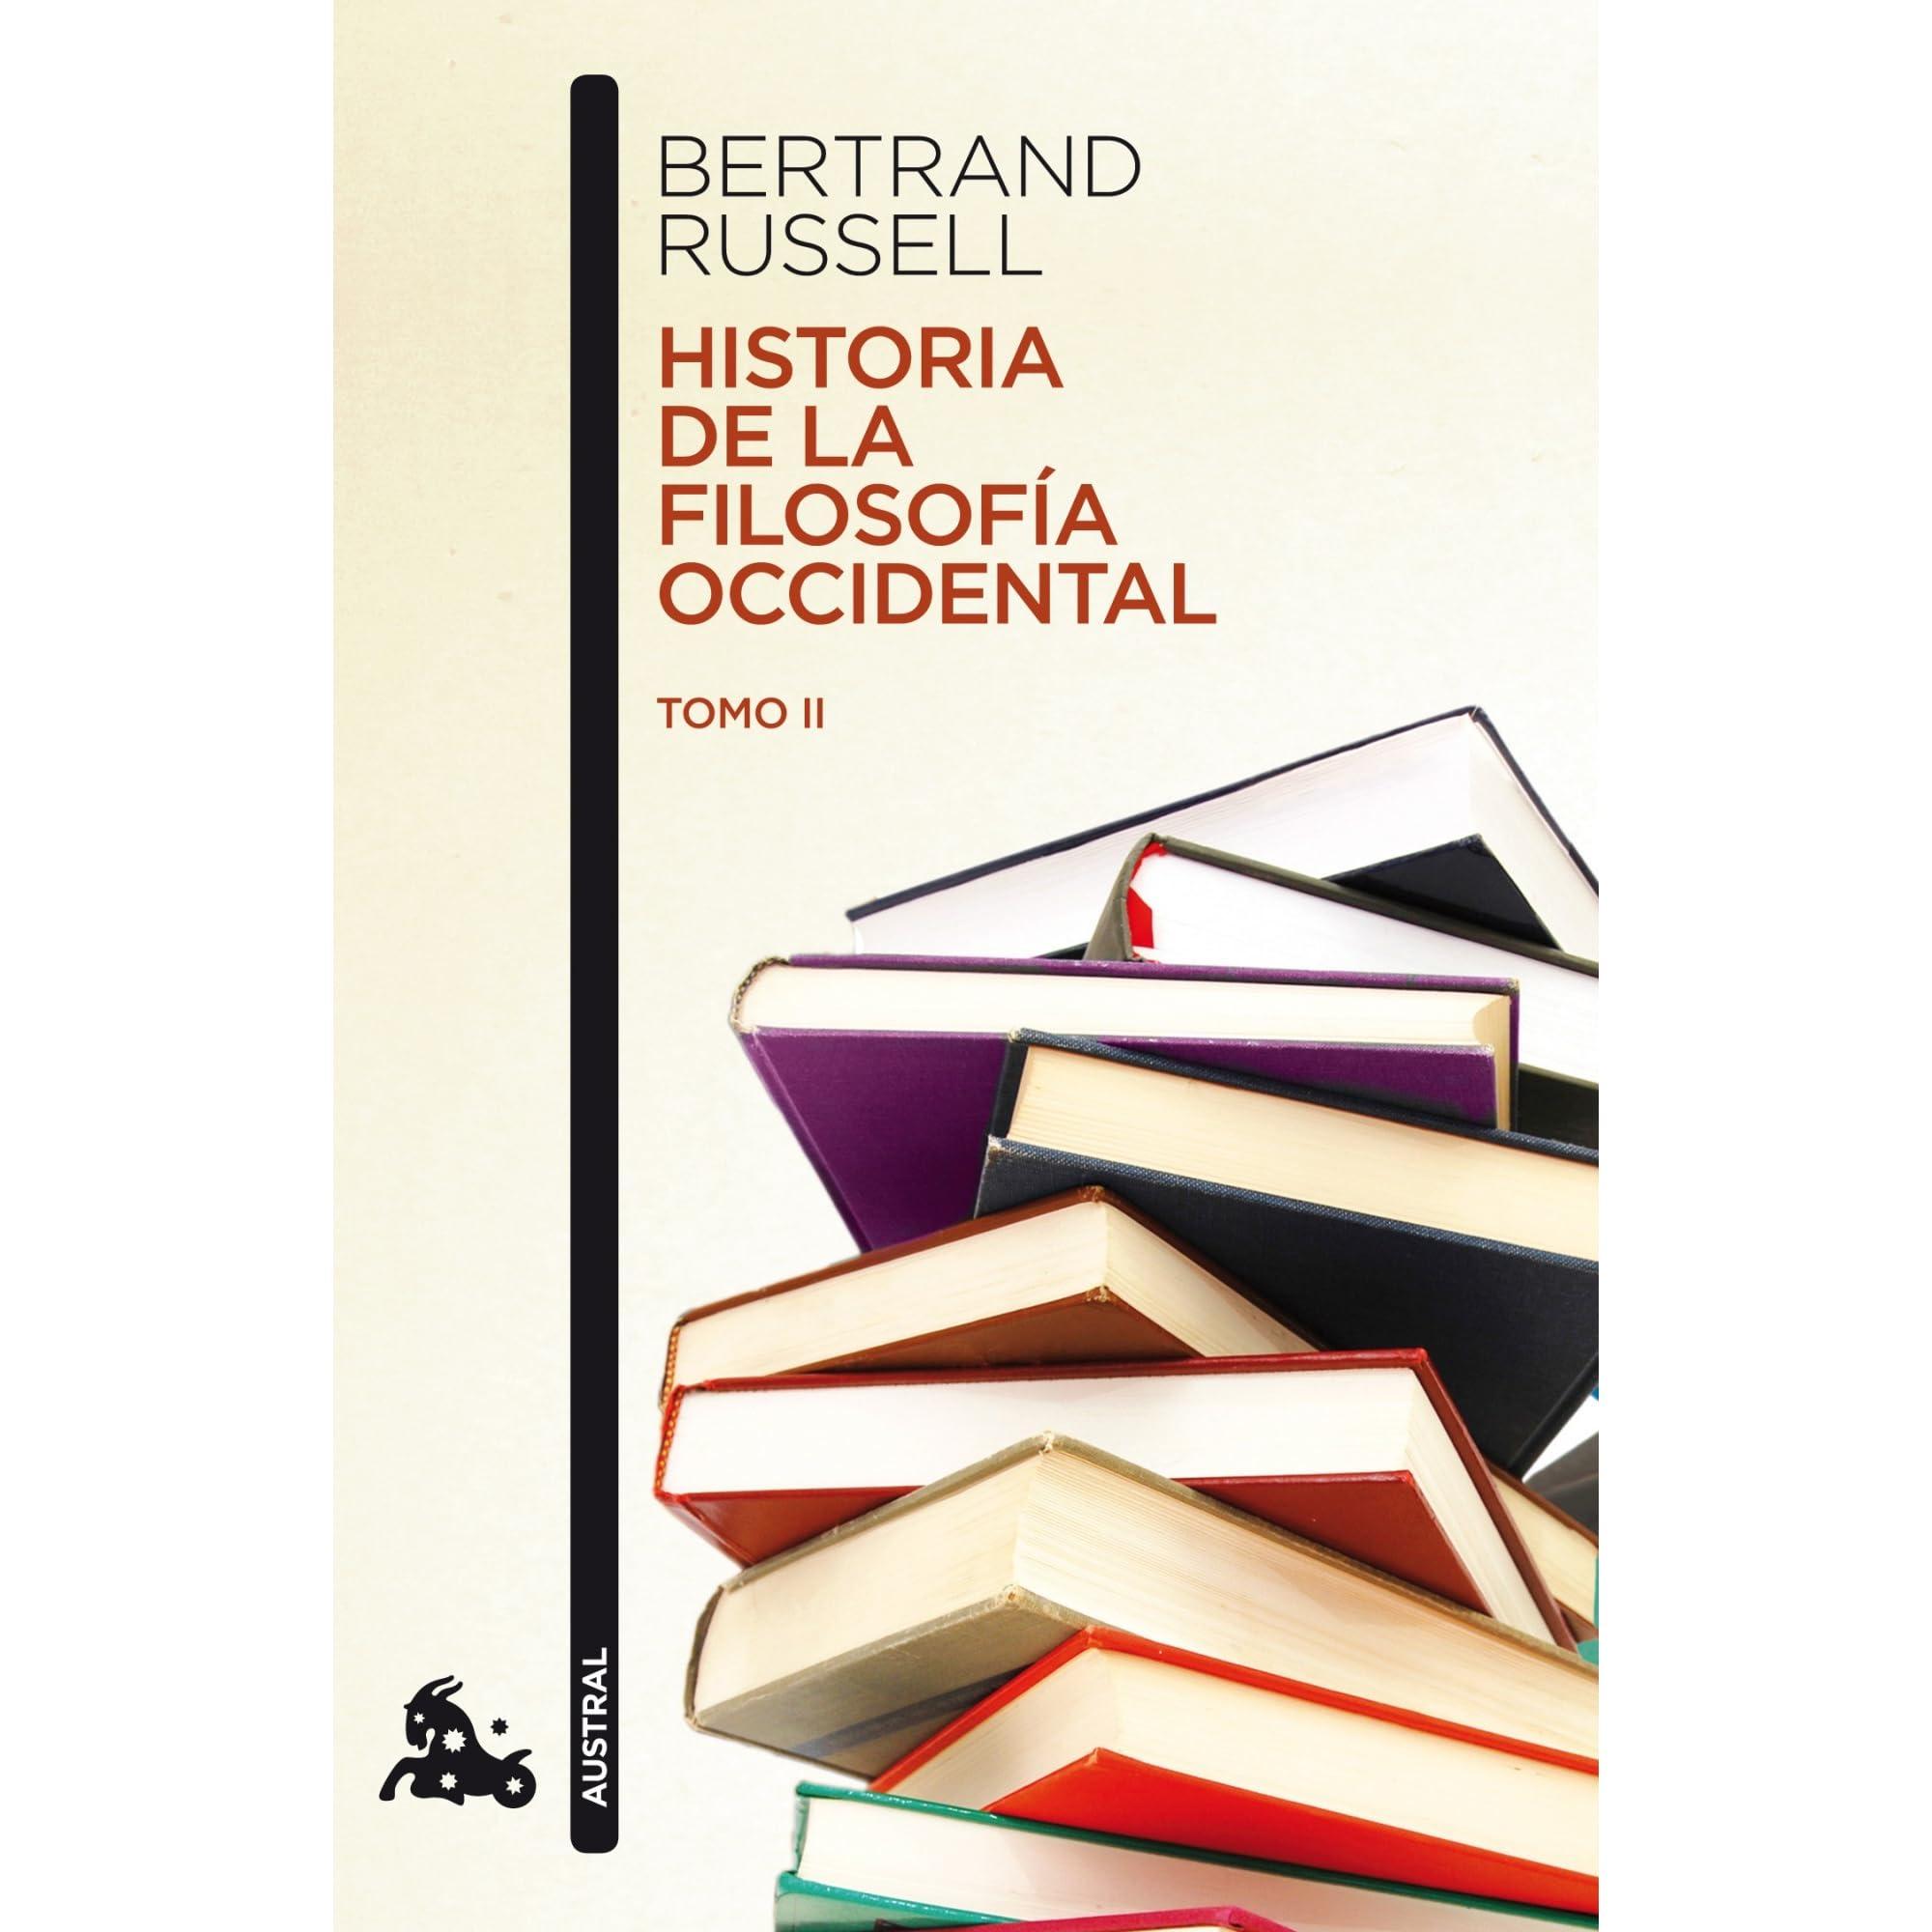 historia de la filosofía occidental tomo ii by bertrand russell